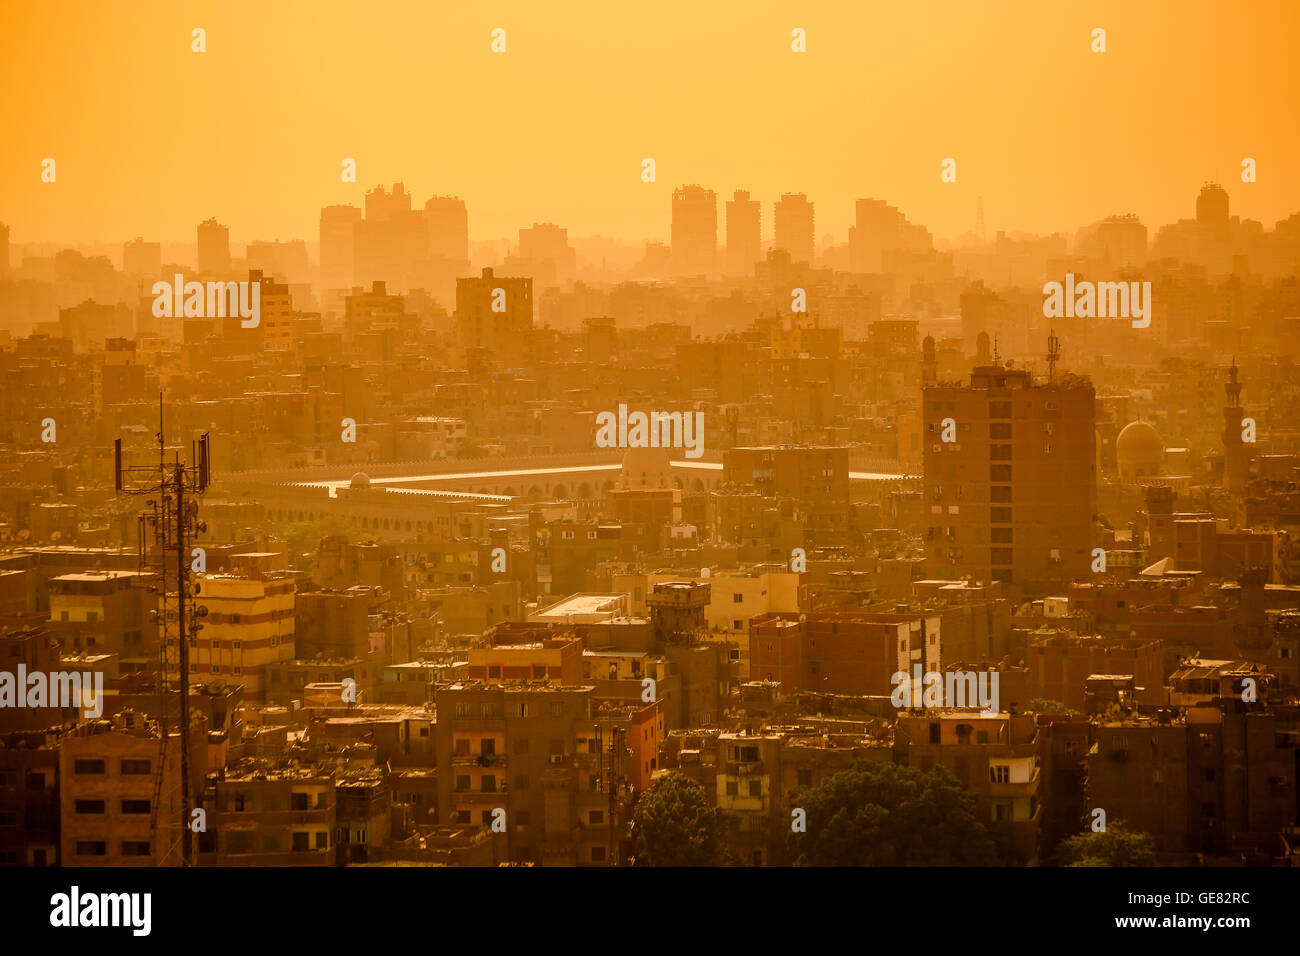 El paisaje urbano de El Cairo, Egipto Imagen De Stock